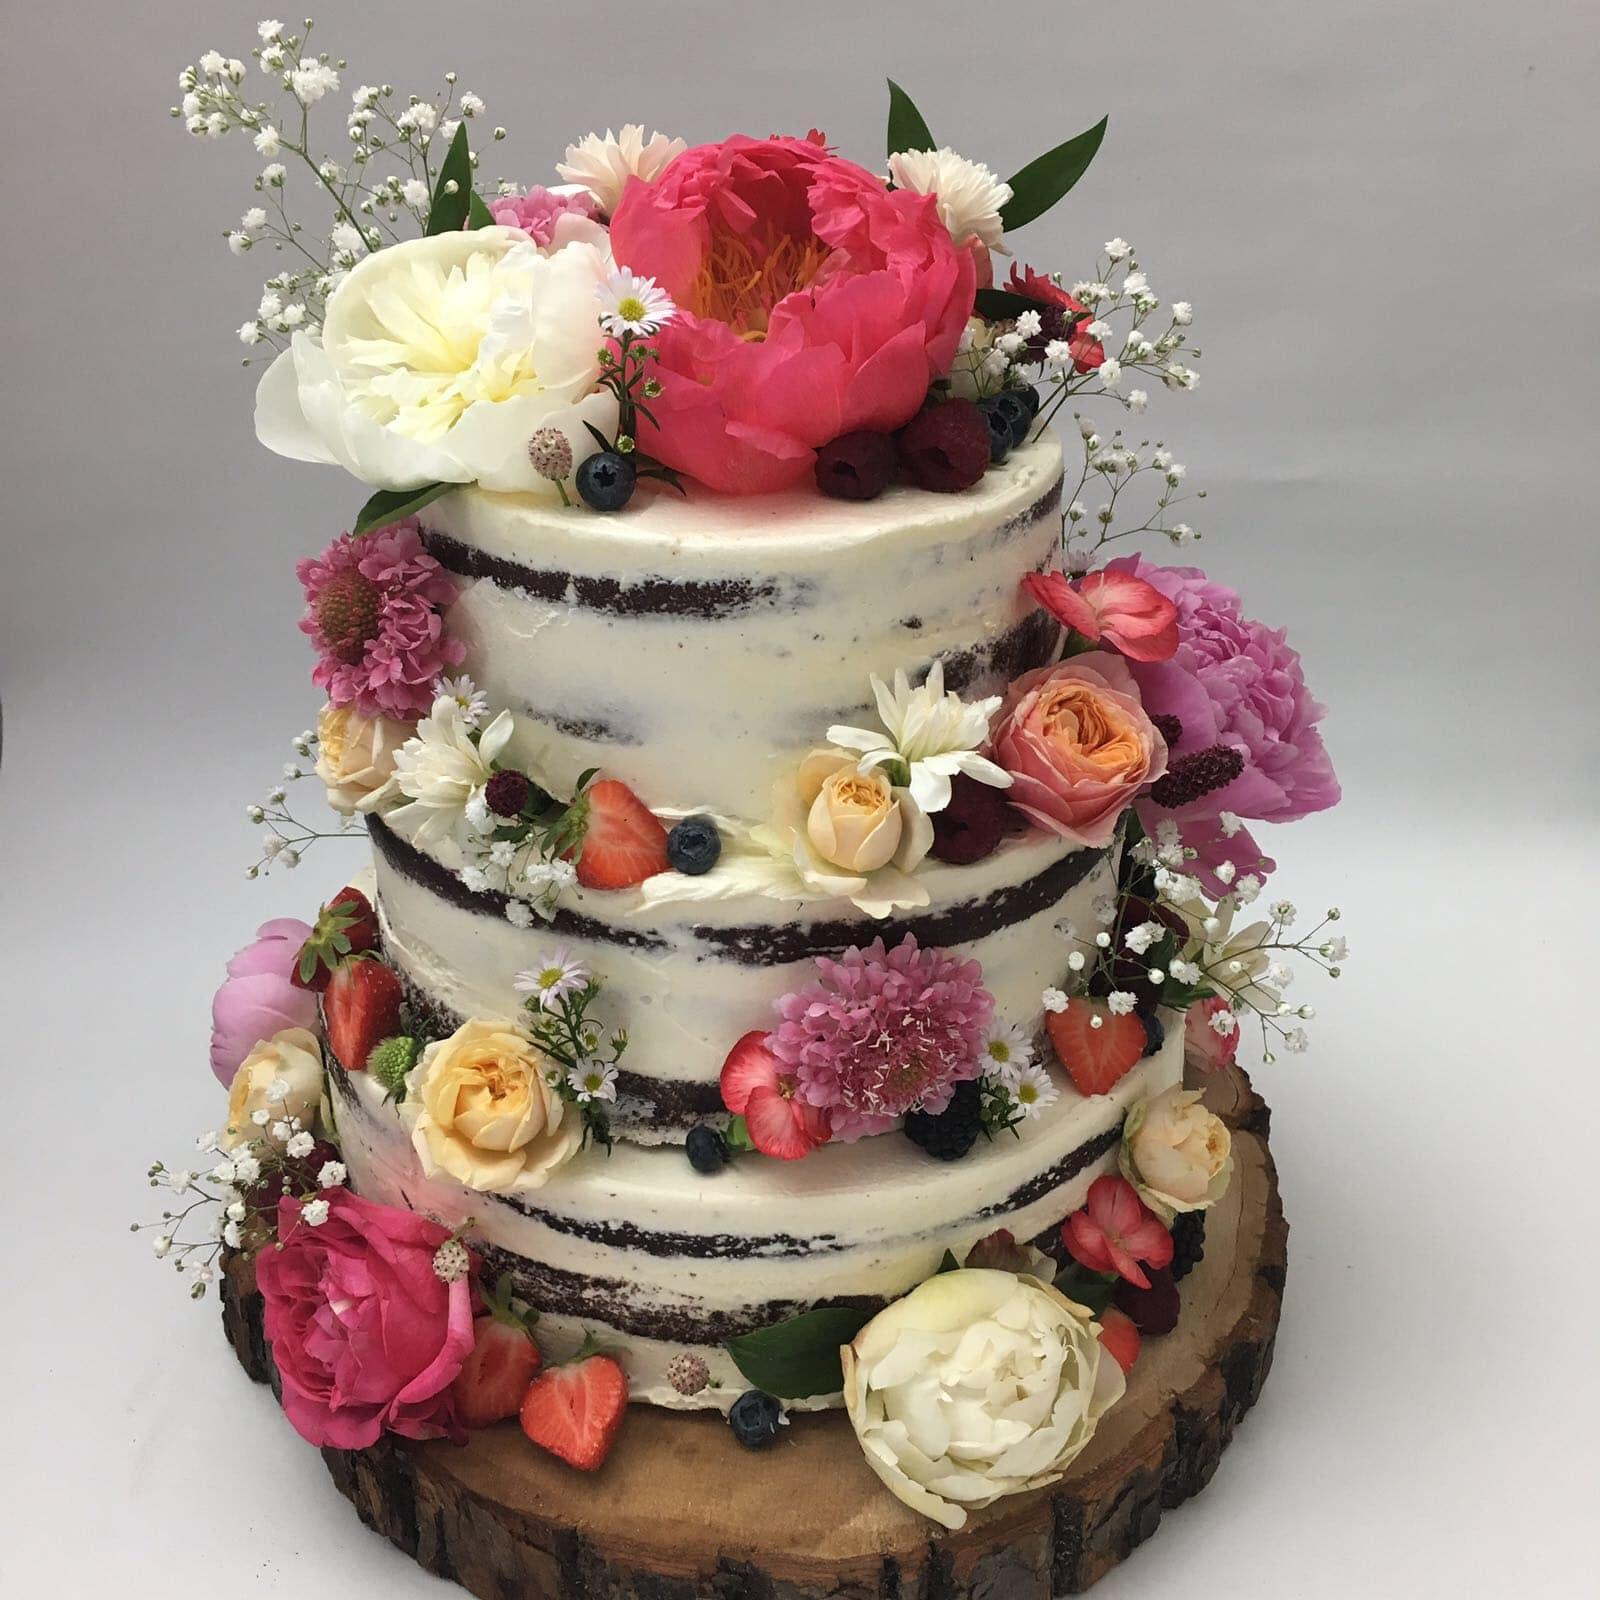 Drip cake amsterdam, dripcake amsterdam, driptaart amsterdam, dripping cake amsterdam, dripping taart amsterdam, Bruiloft driptaart, wedding drip cake, dripcake, drip cake,driptaart, driptaart bestellen, online drip cake, drip cake bakery, order drip cake, red velvet taart amsterdam, grote taart amsterdam, stapeltaart amsterdam, grote taart kopen, grote taart bestellen, dripcake bestellen, drip cake bestellen, dripping cake order, dripping cake shop, verjaardags driptaart, birthday dripcake, babyshower drip cake, babyshower dripping cake, wedding drip cake, bruiloft driptaart, bruids driptaart, corporate dripping cake, zakelijke driptaartCupcakes, Cakes, cakes amsterdam, cake shop amsterdam, cupcake winkel amsterdam, taart amsterdam kopen, red velvet amsterdam, red velvet kopen, birthday cake amsterdam, verjaardagstaart amsterdam, red velvet cake, red velvet taart, american red velvet amsterdam, red velvet cake amsterdam, red velvet cake bestellen, wedding cake, bruidstaart, thema taart, theme cake, customized cake, corporate cake, big cake amsterdam, grote taart bestelling, stapeltaart bestellen, gender reveal cake amsterdam, gender reveal taart amsterdam, birthdayparty cake, kinderfeestje traktatie, , online taarten winkel, online taarten kopen, online taarten bestellen, webshop cakes, order cakes online, bakery amsterdam, amsterdam bakkerij, american bakery amsterdam, cheesecake kopen, cheesecake bestellen, red velvet cheesecake, birthdayparty cake, cupcake amsterdam, cupcakes kopen, cupcakes bestellen, online cupcake winkel, online cupcakes kopen, online cupcakes bestellen, webshop cupcakes, order cupcakes online, bakery amsterdam, cakepops amsterdam, cakepop winkel amsterdam, cakepops bestellen, cupcakes traktatie, corporate cupcakes, corporate cake, corporate gift, zakelijke cupcakes, fair trade gebak, fair trade taart, fair trade cake, fair trade cupcakes